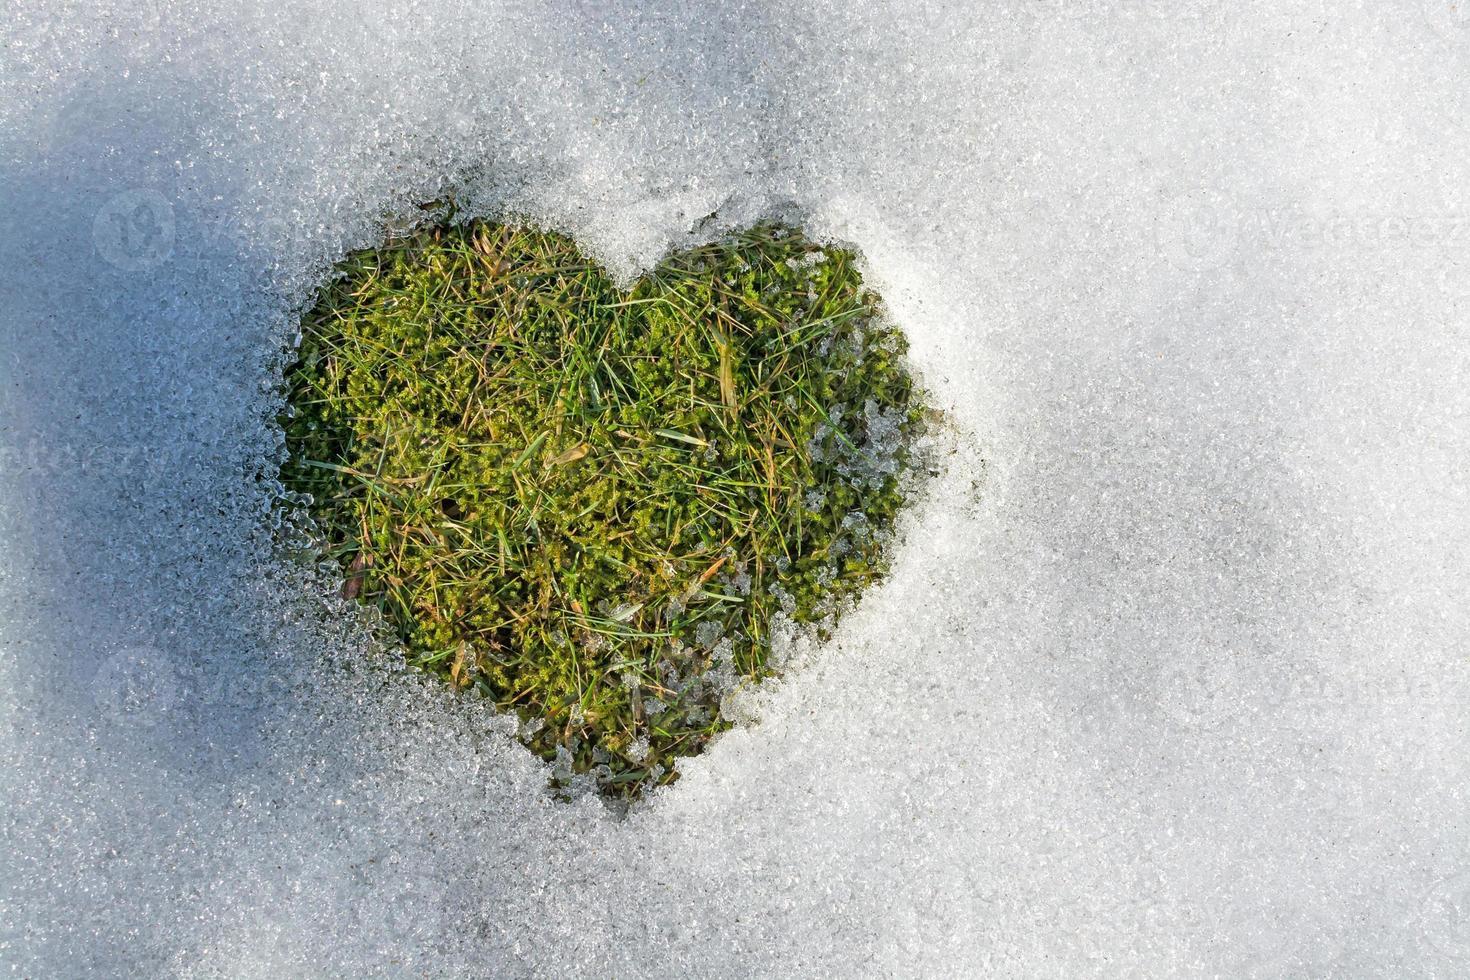 nieve derritiéndose en forma de corazón foto